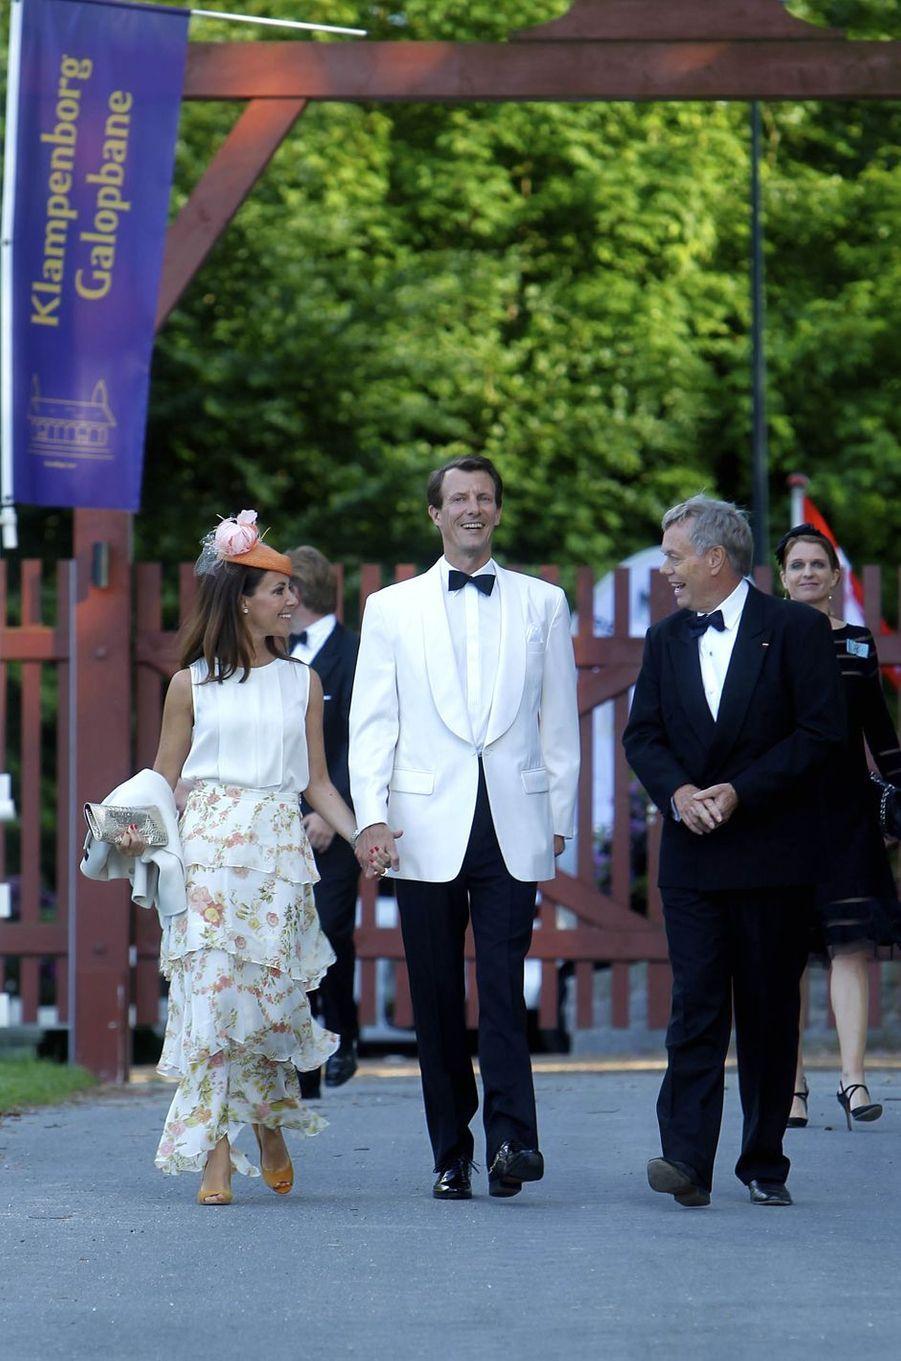 La princesse Marie et le prince Joachim de Danemark à l'hippodrome de Klampenborg, le 14 juin 2017